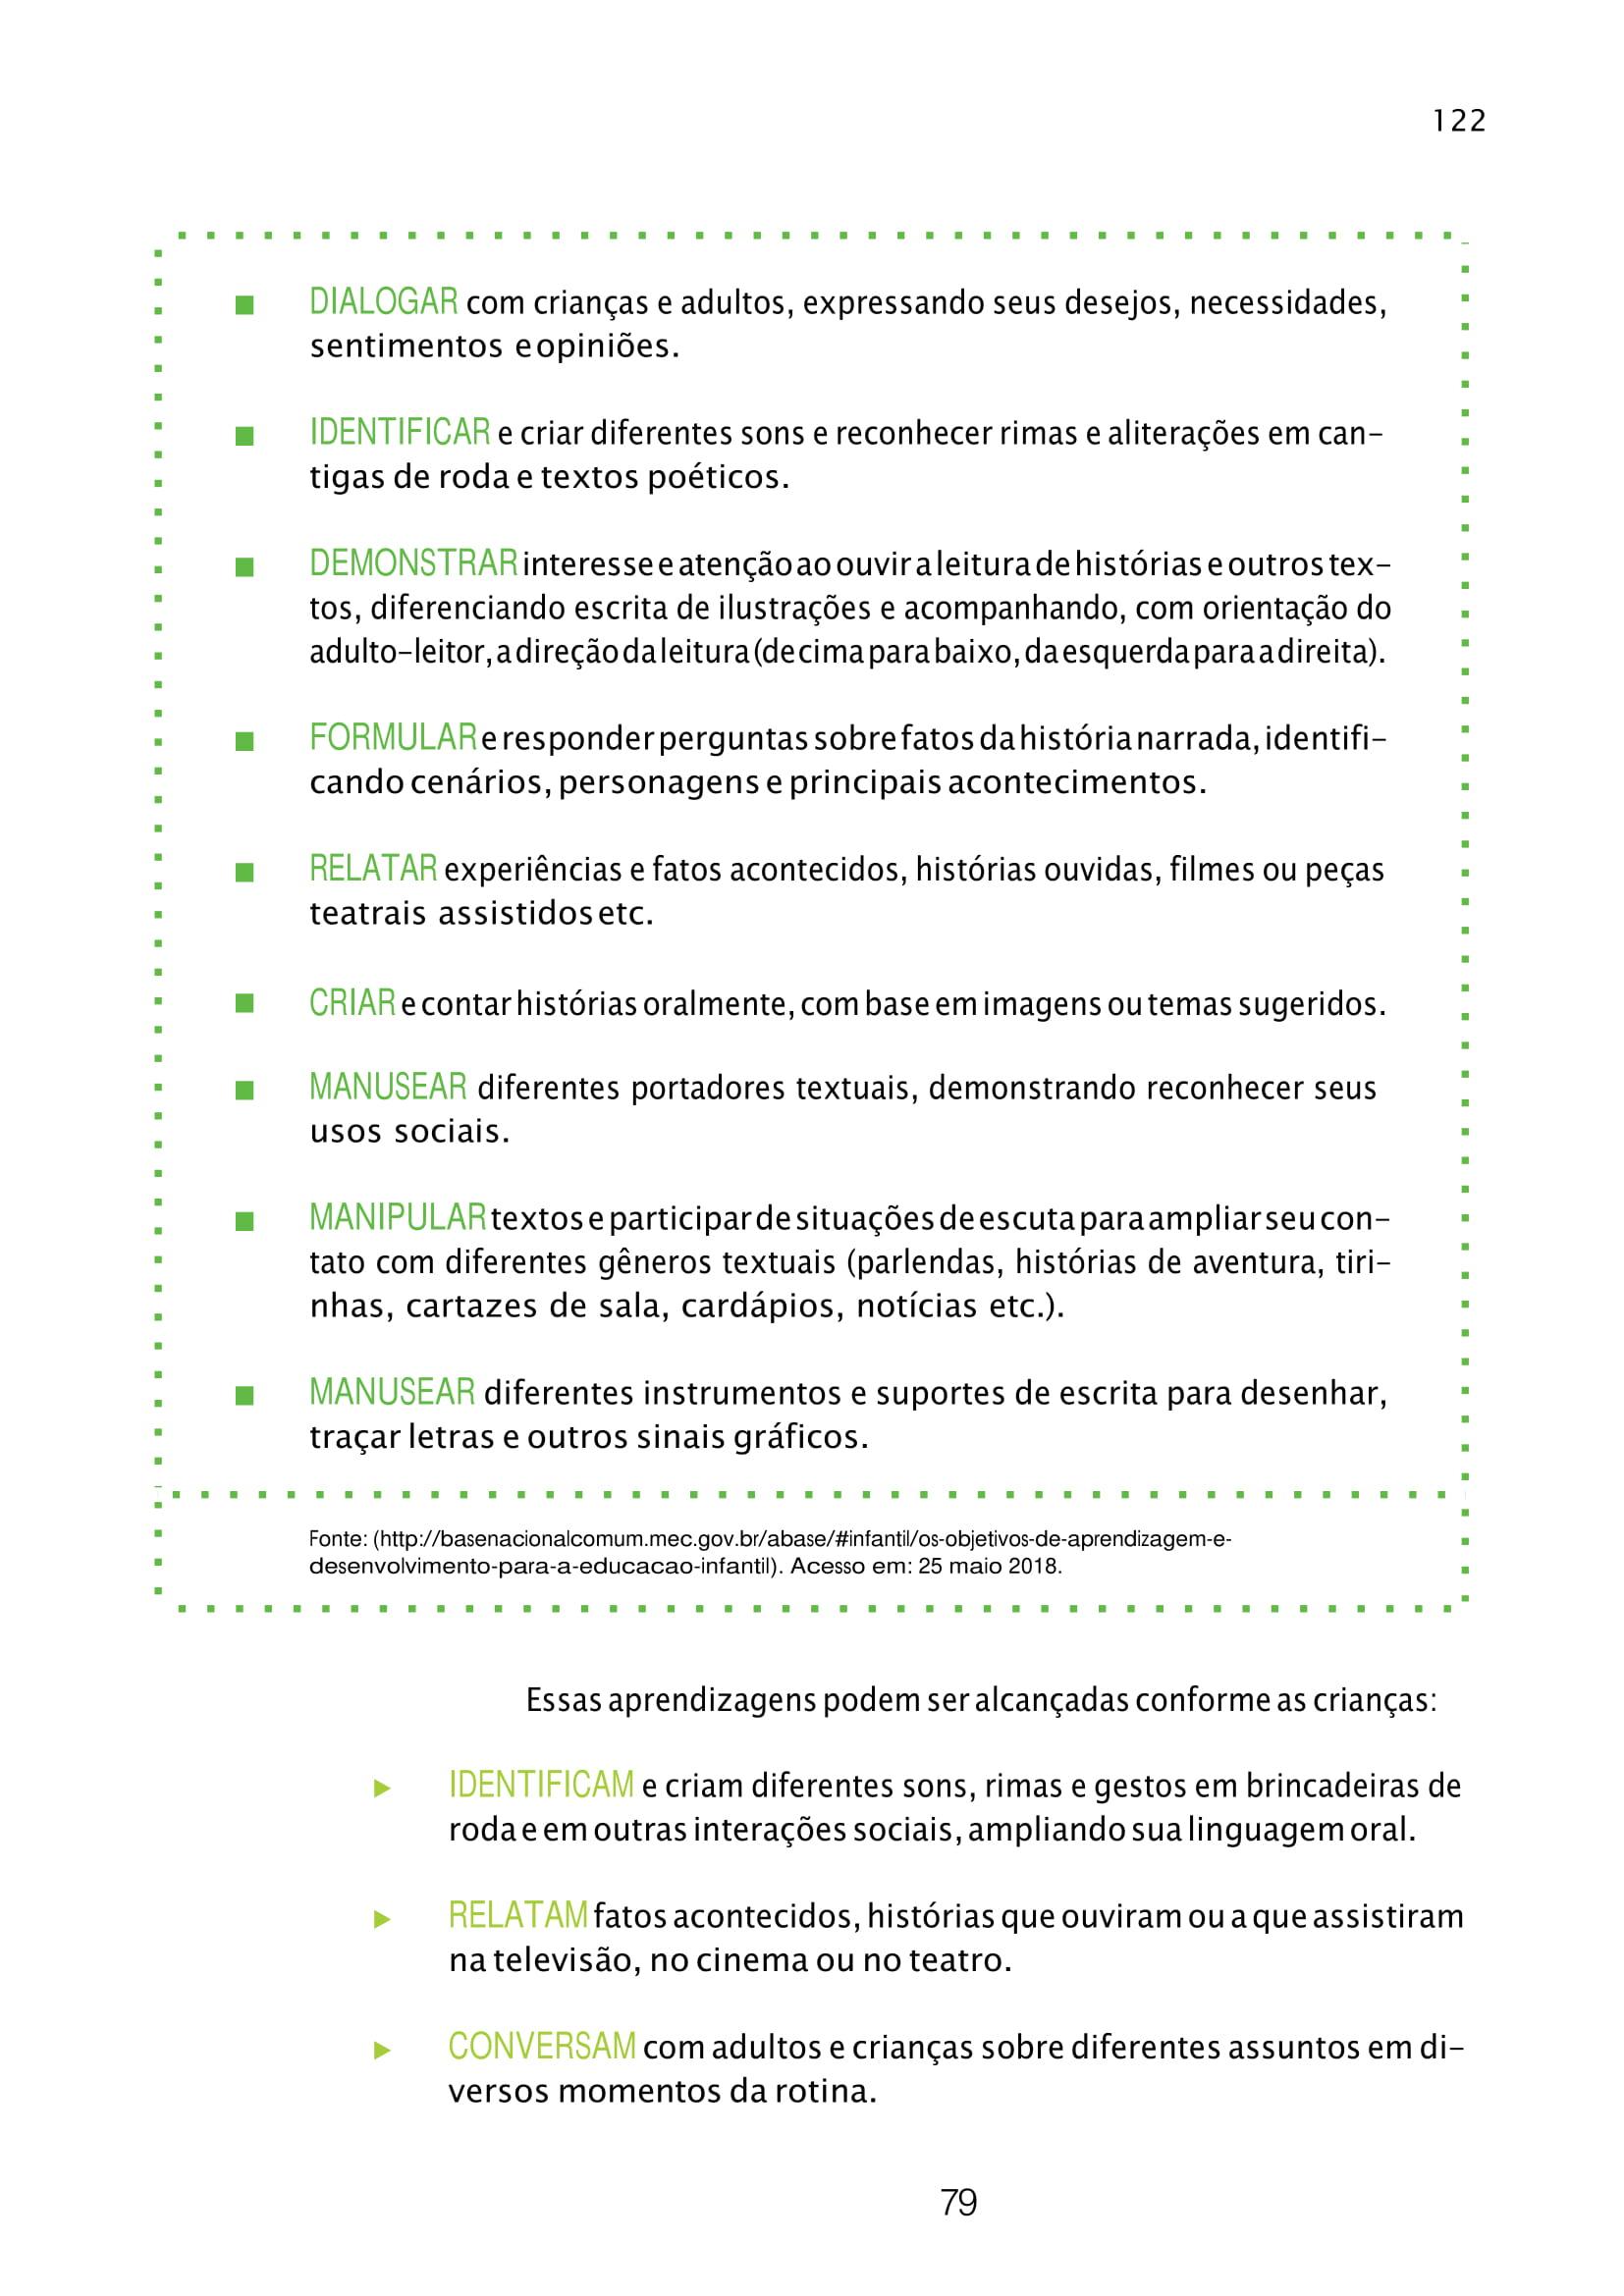 planejamento-educação-infantil-bncc-geral-152